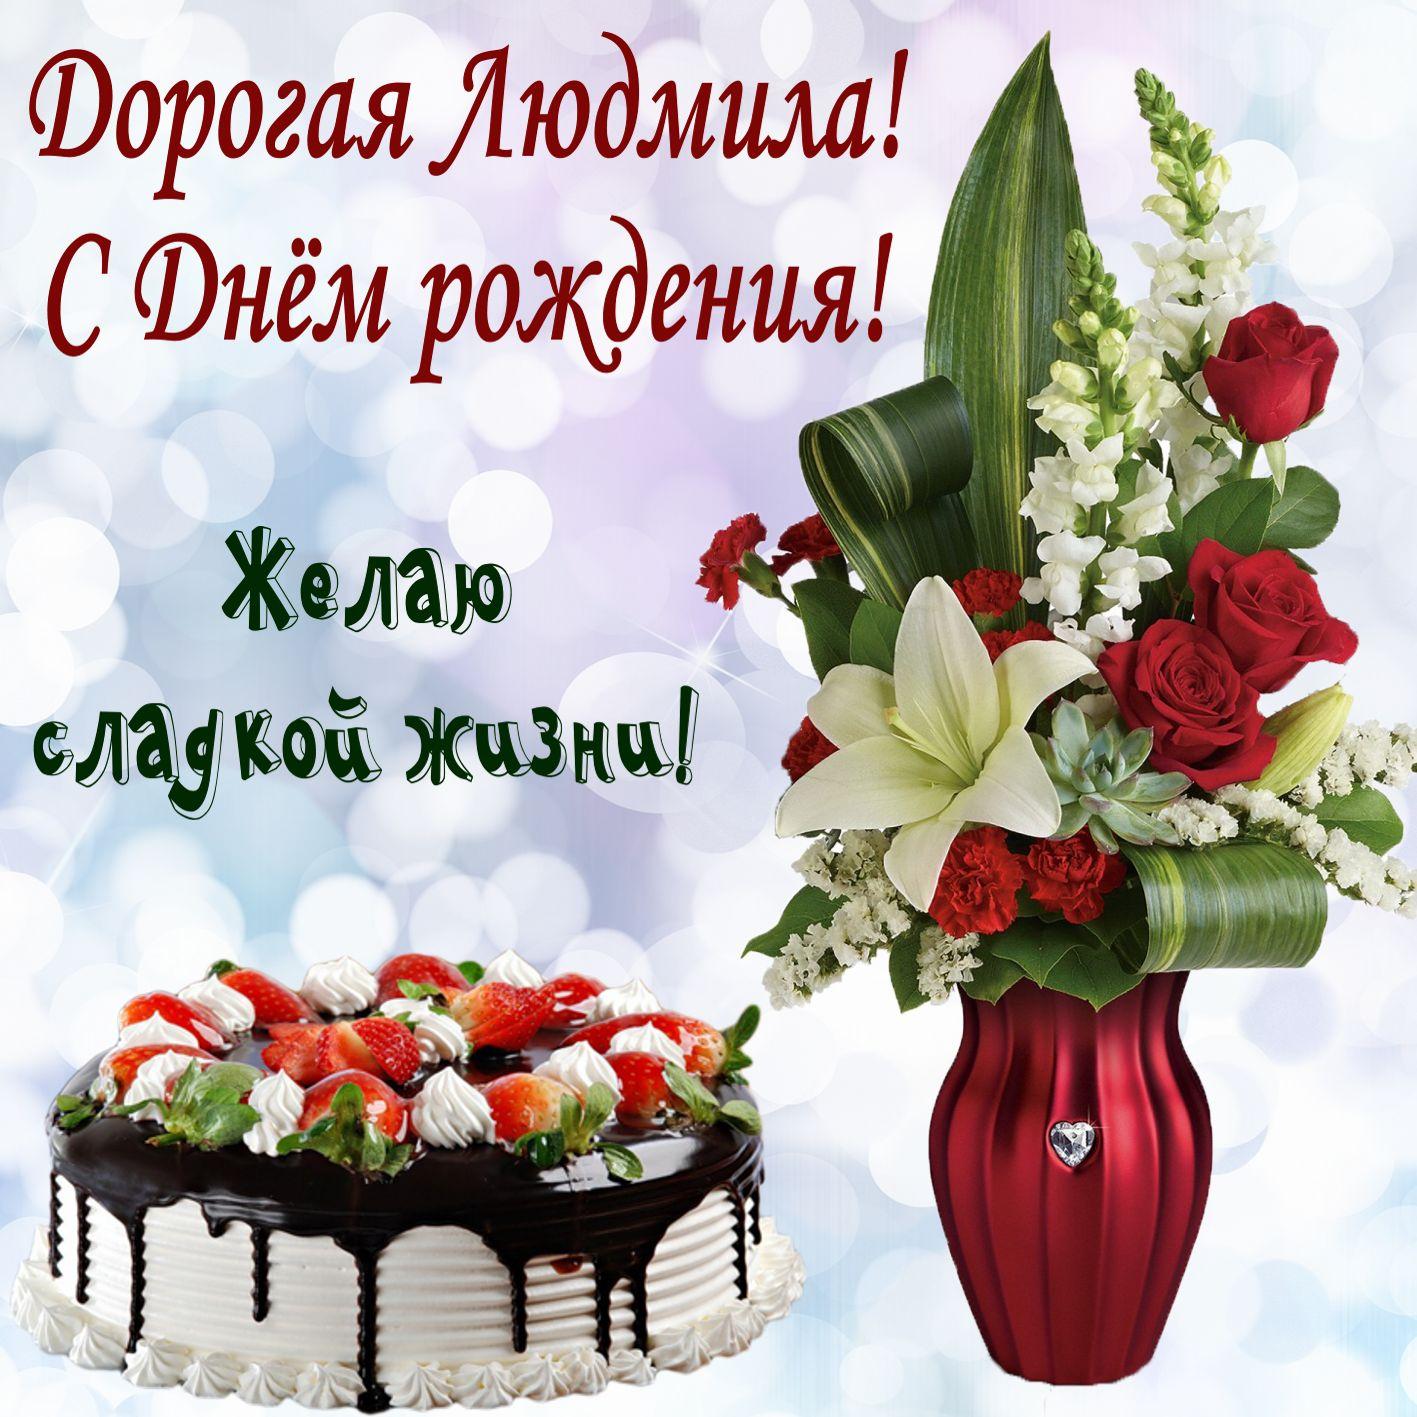 Музыкальные и голосовые поздравления для Людмилы 83